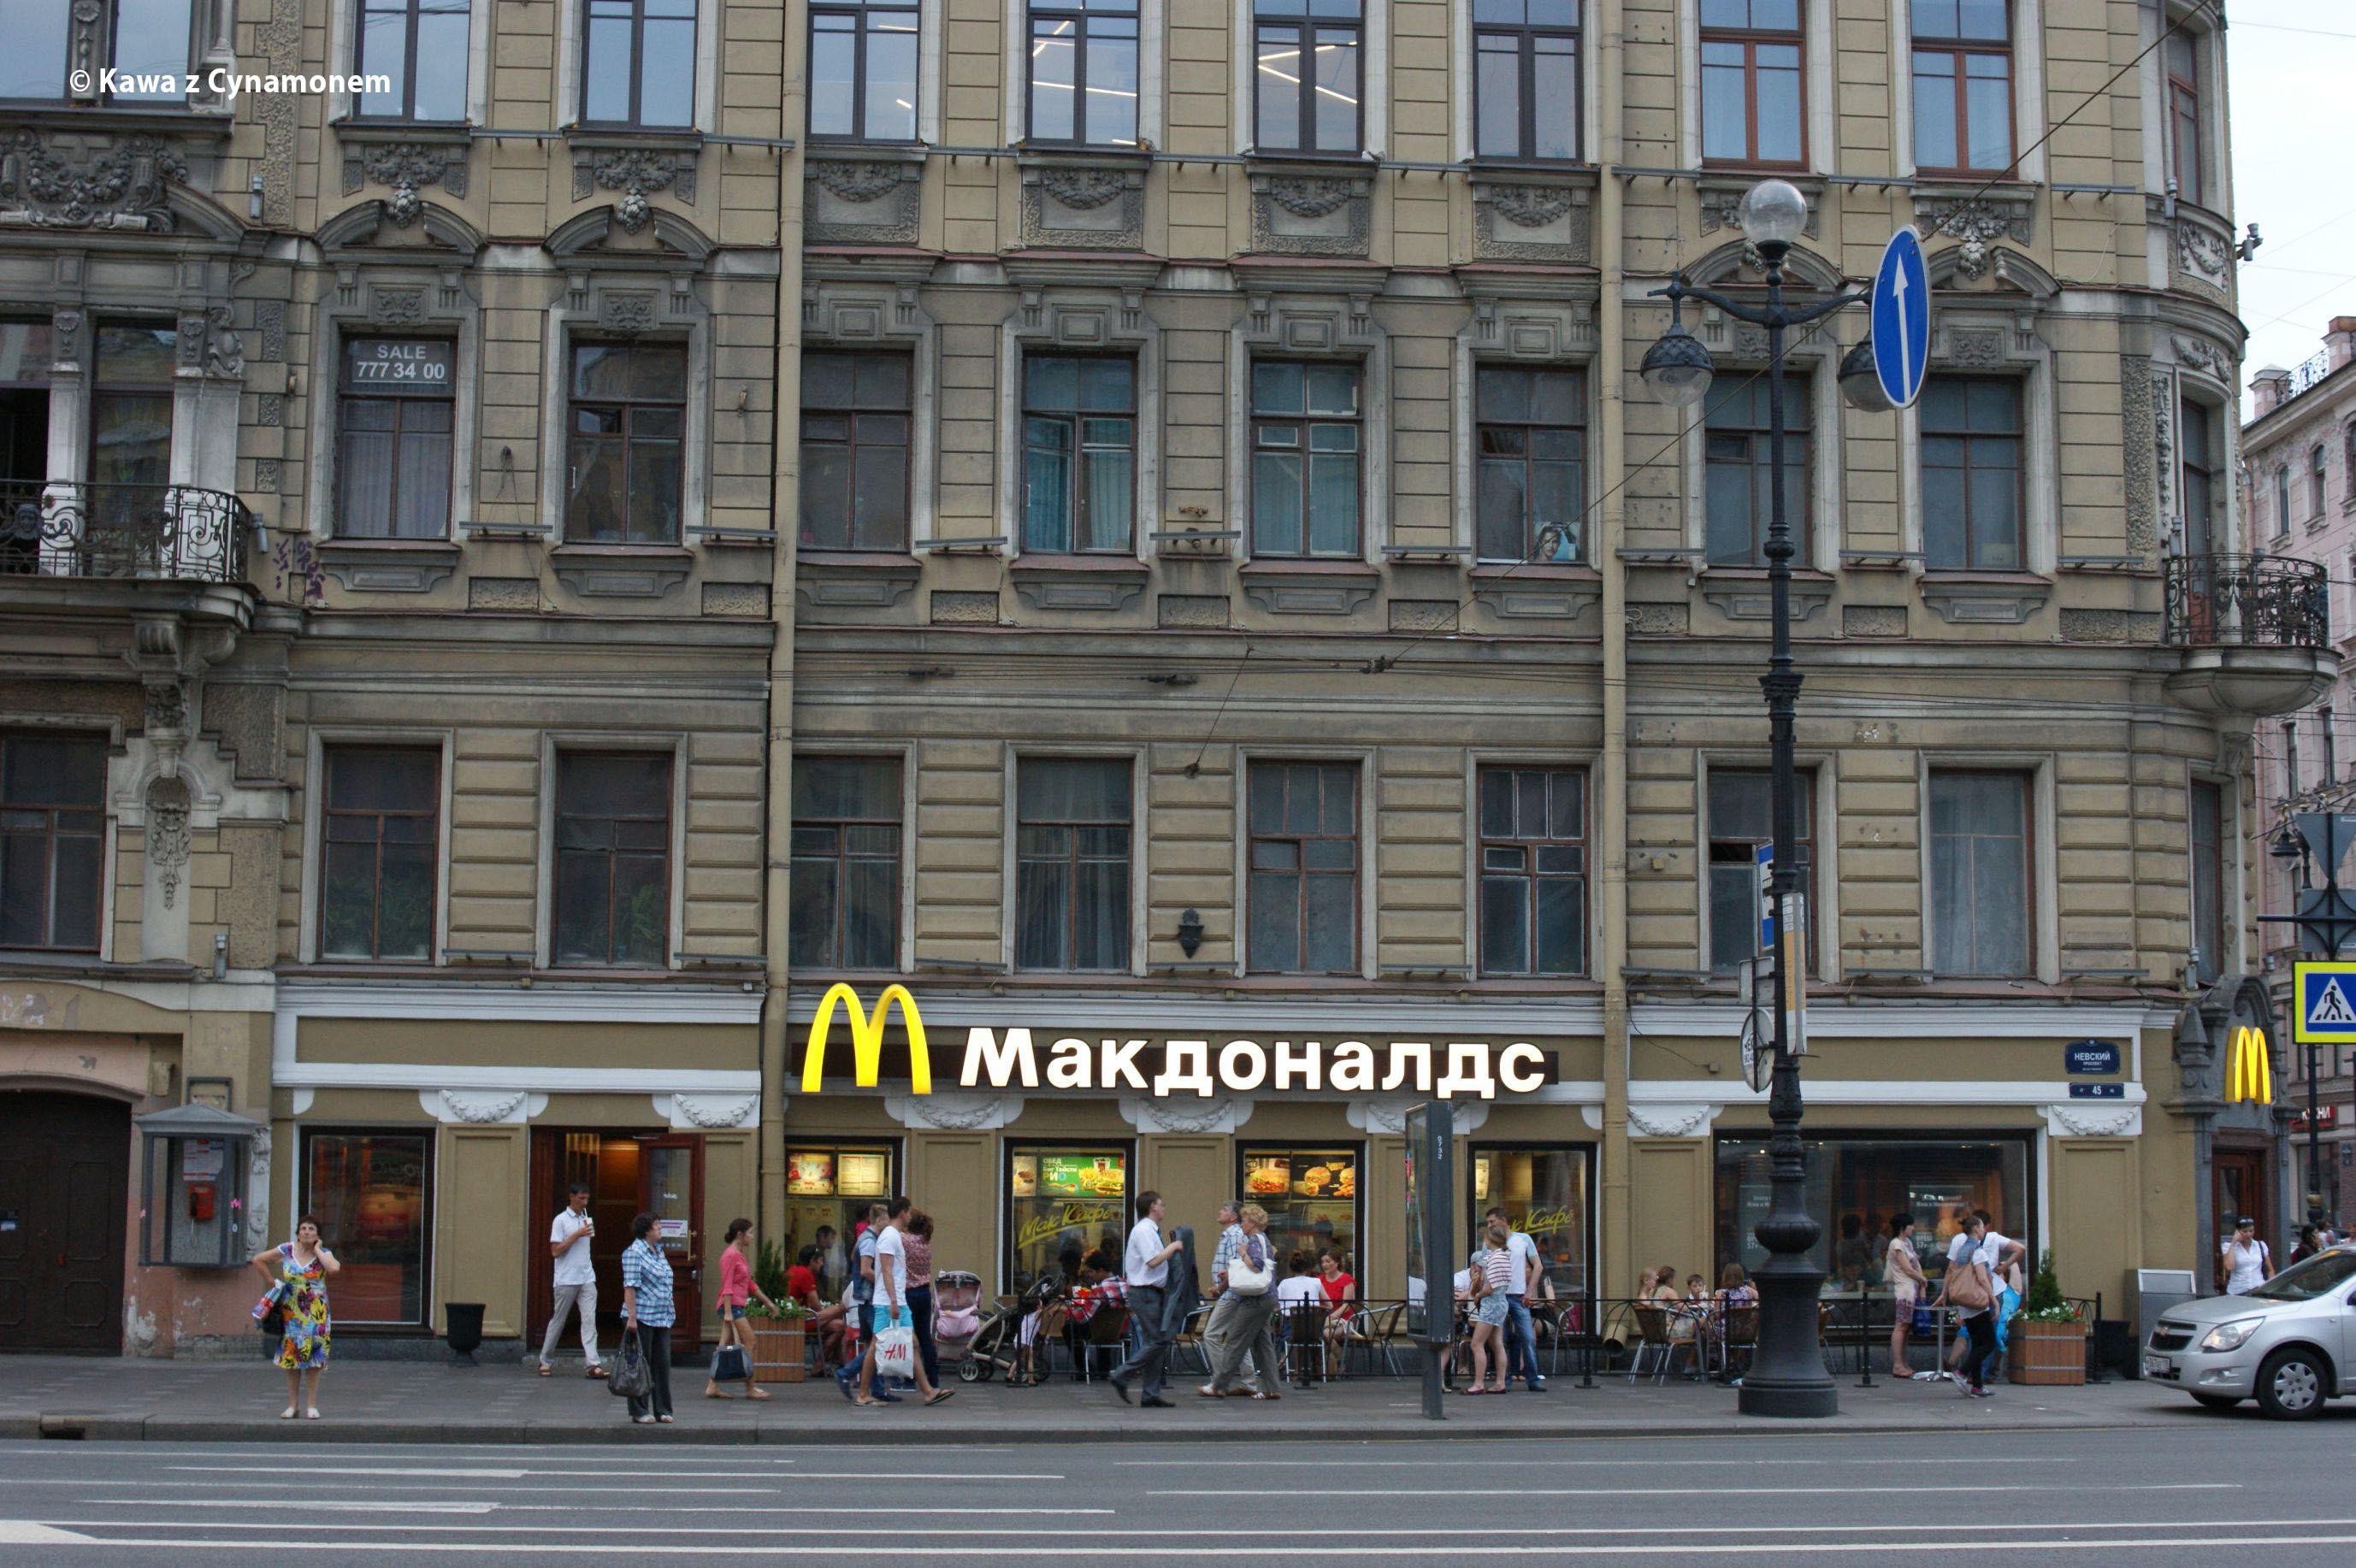 Petersburg - McDonald's